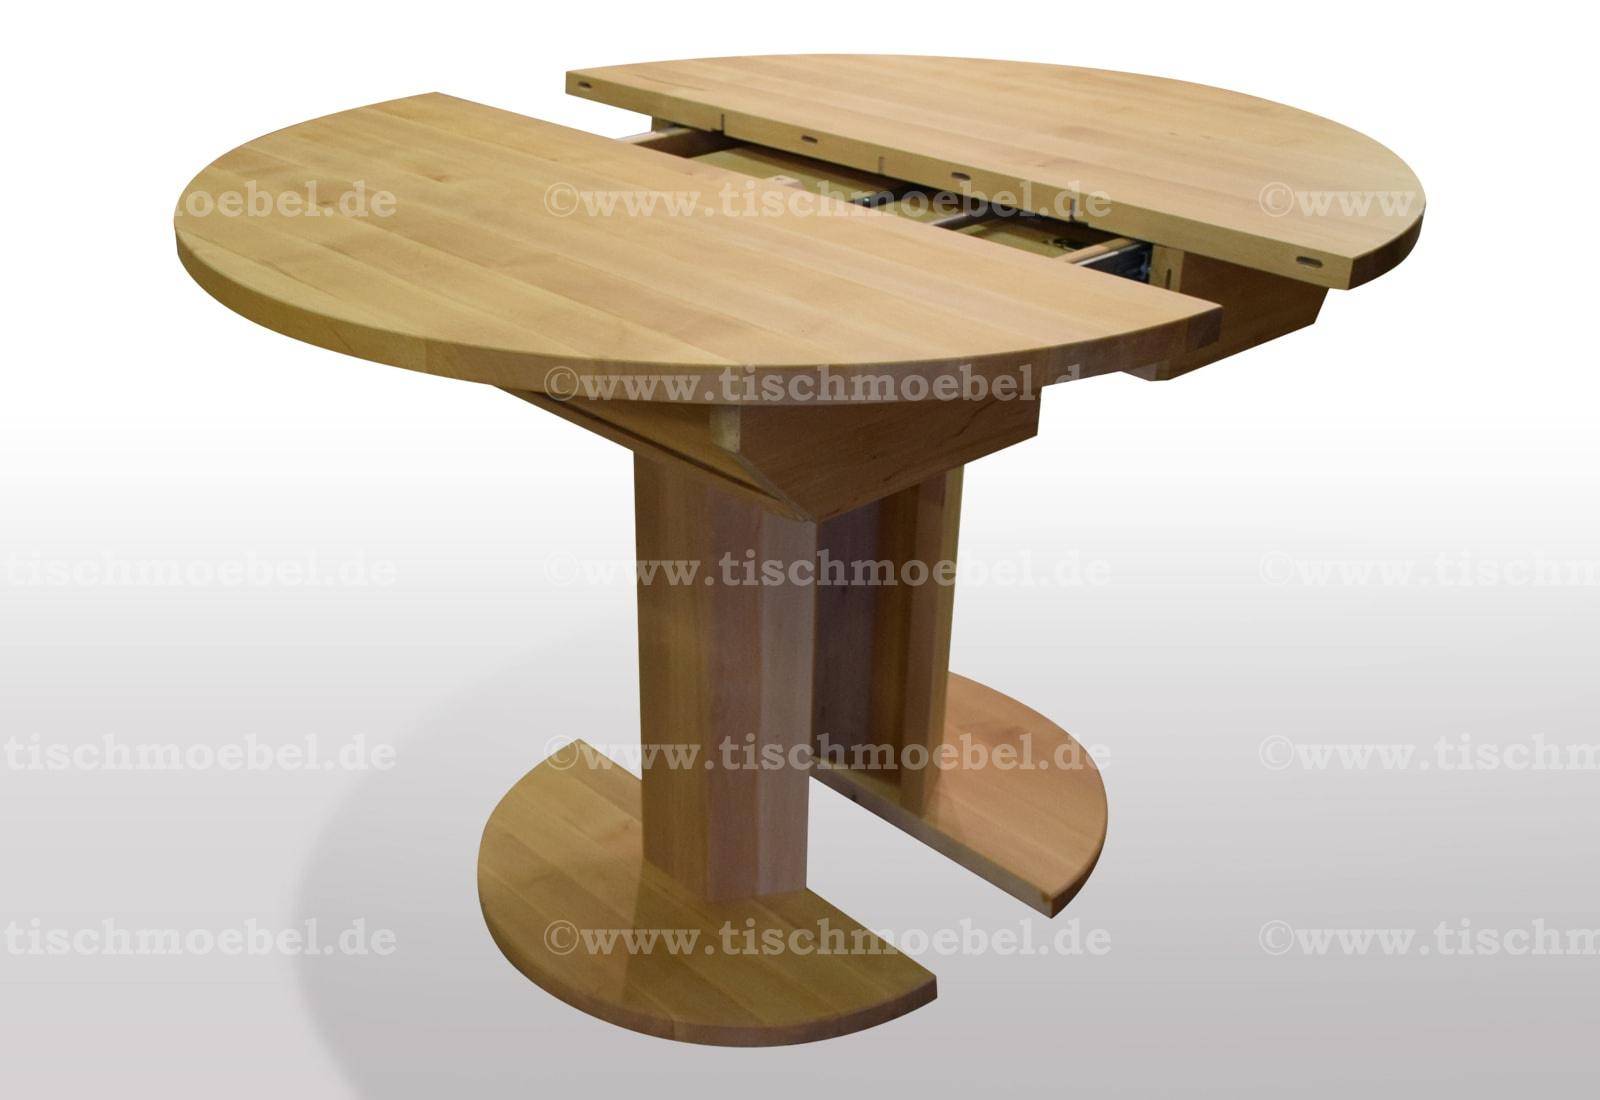 Tisch Rund Ausziehbar Erle Massiv 110cm Durchmesser Tischmoebel De